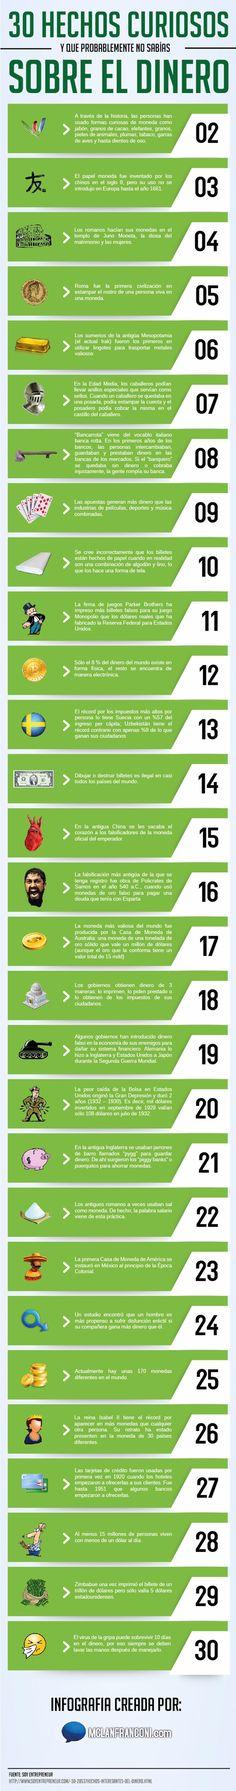 29 curiosidades sobre el dinero que tal vez desconozcas. #infografía #dinero #money